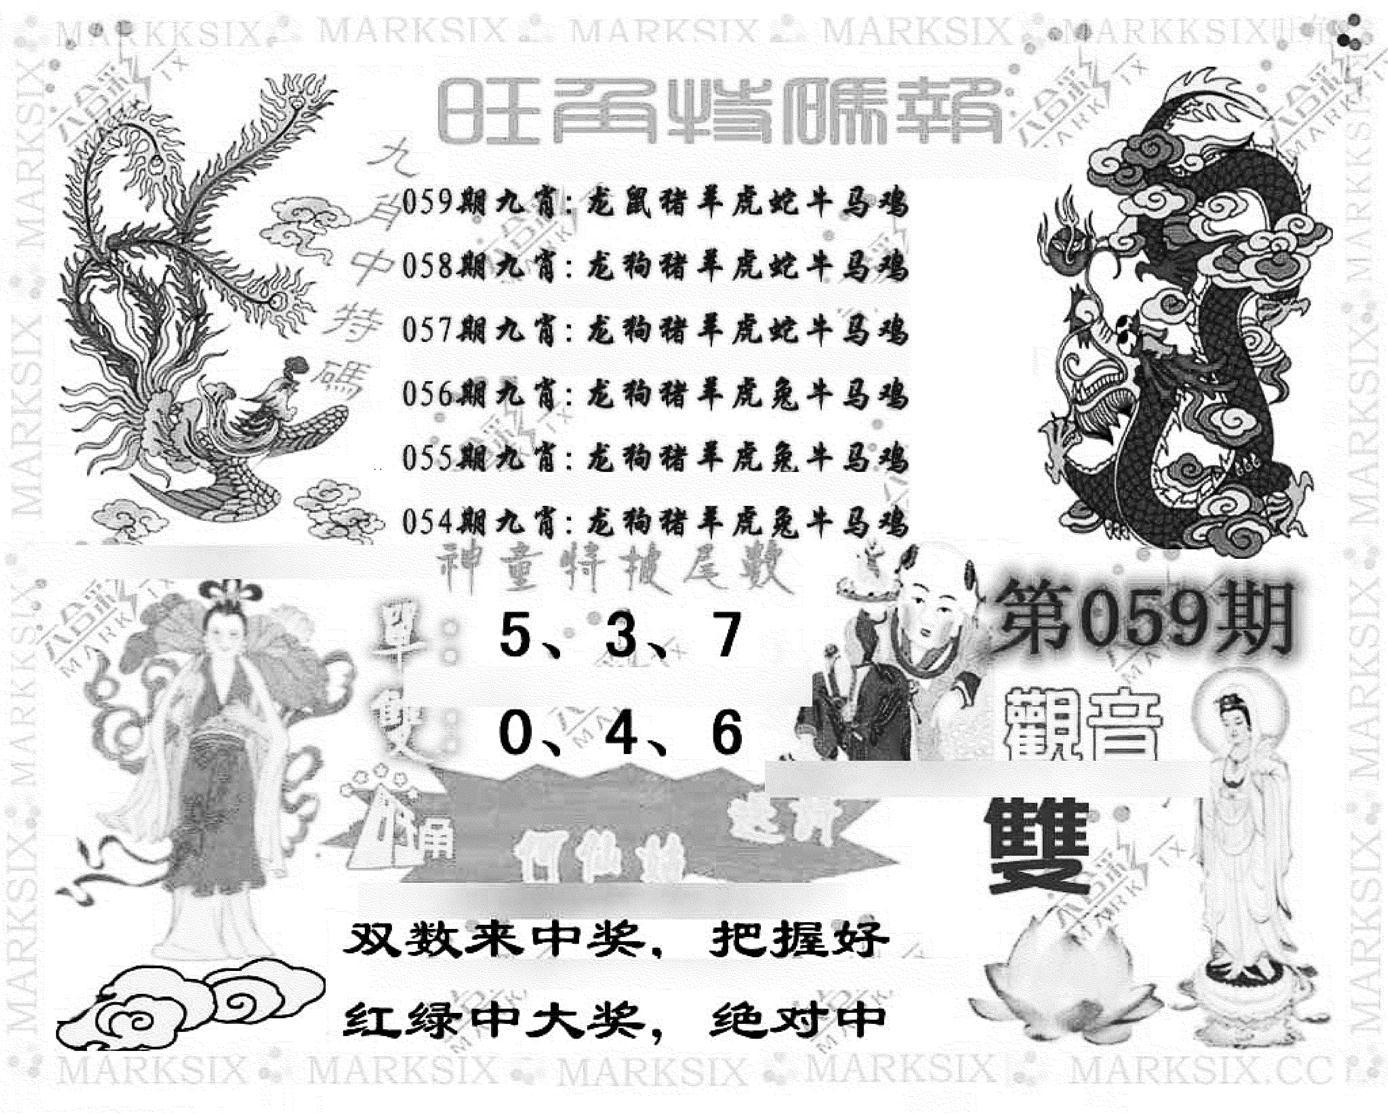 059期旺角特码报(彩)(黑白)